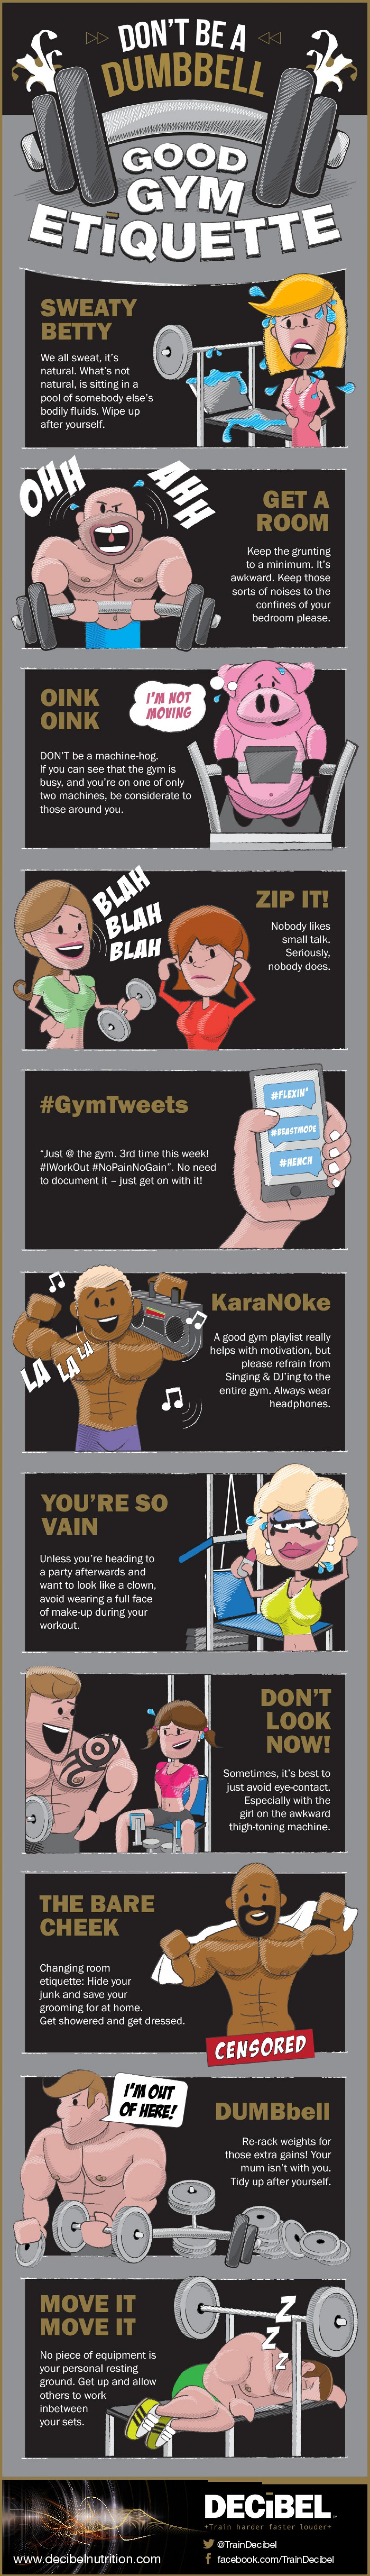 Good Gym Etiquette